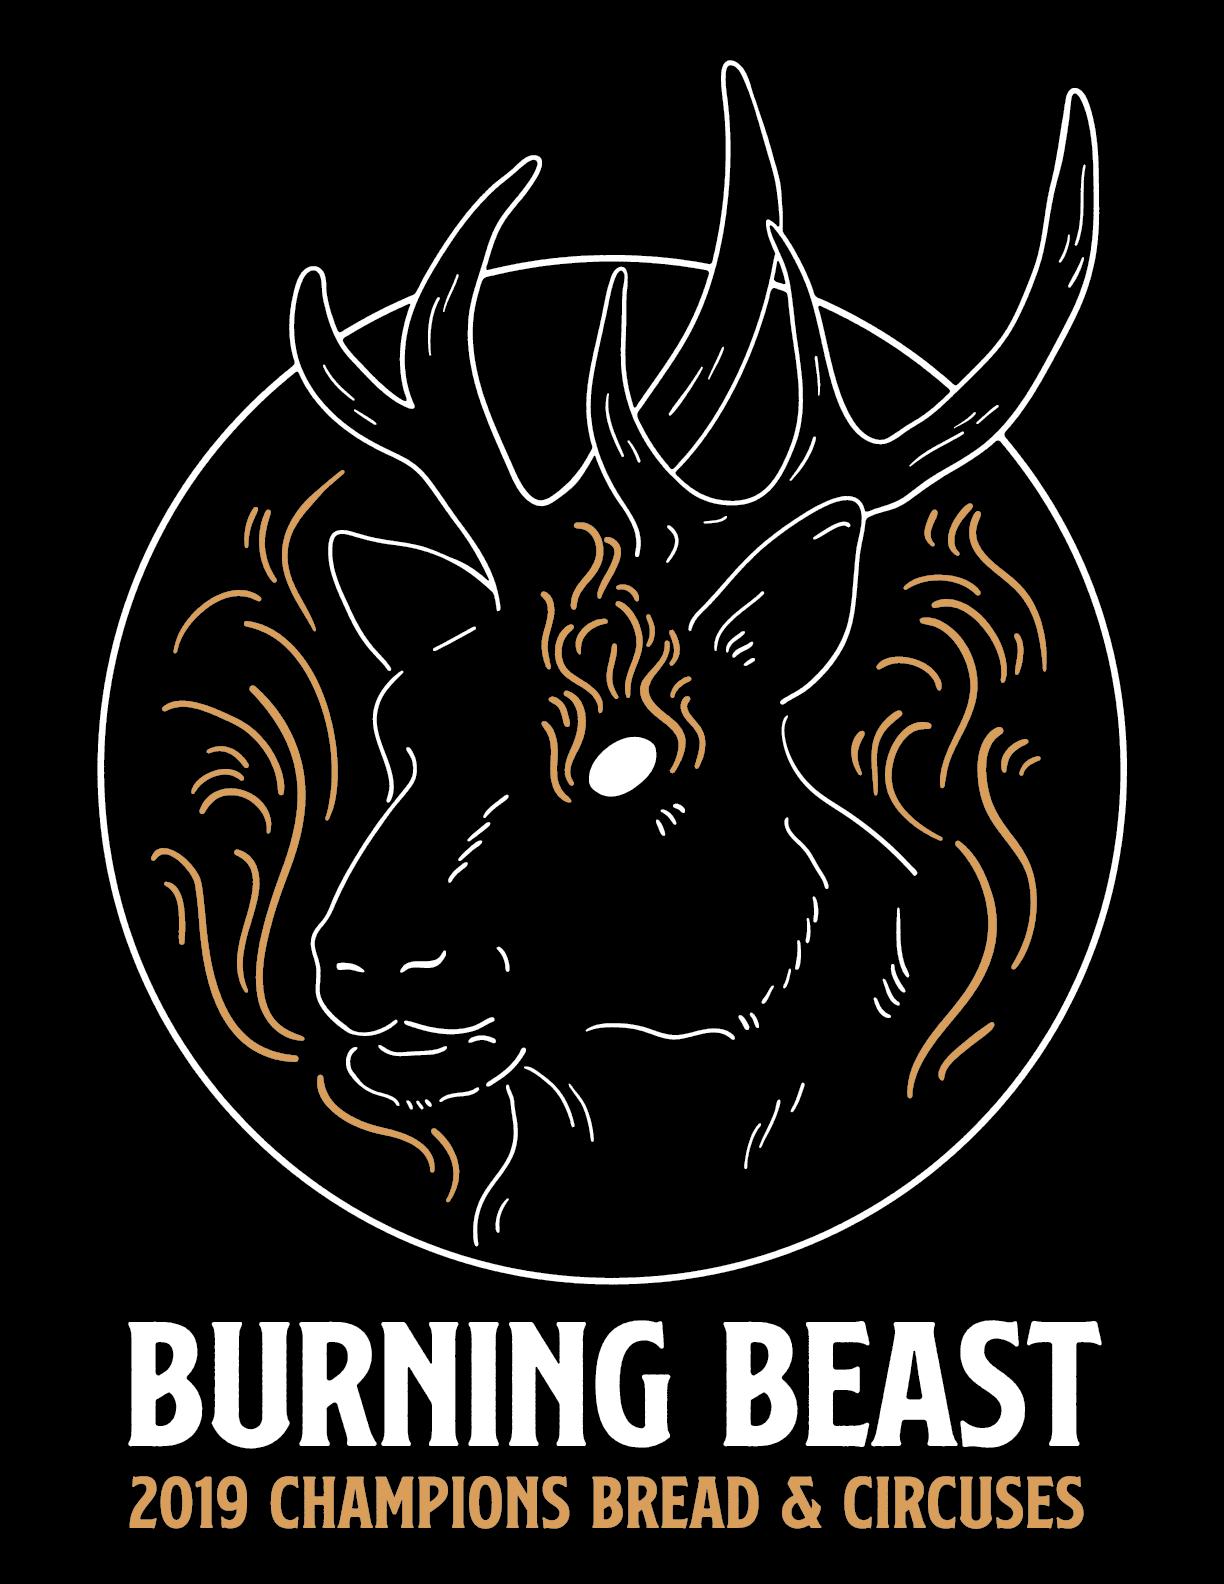 Burning_Beast@2x